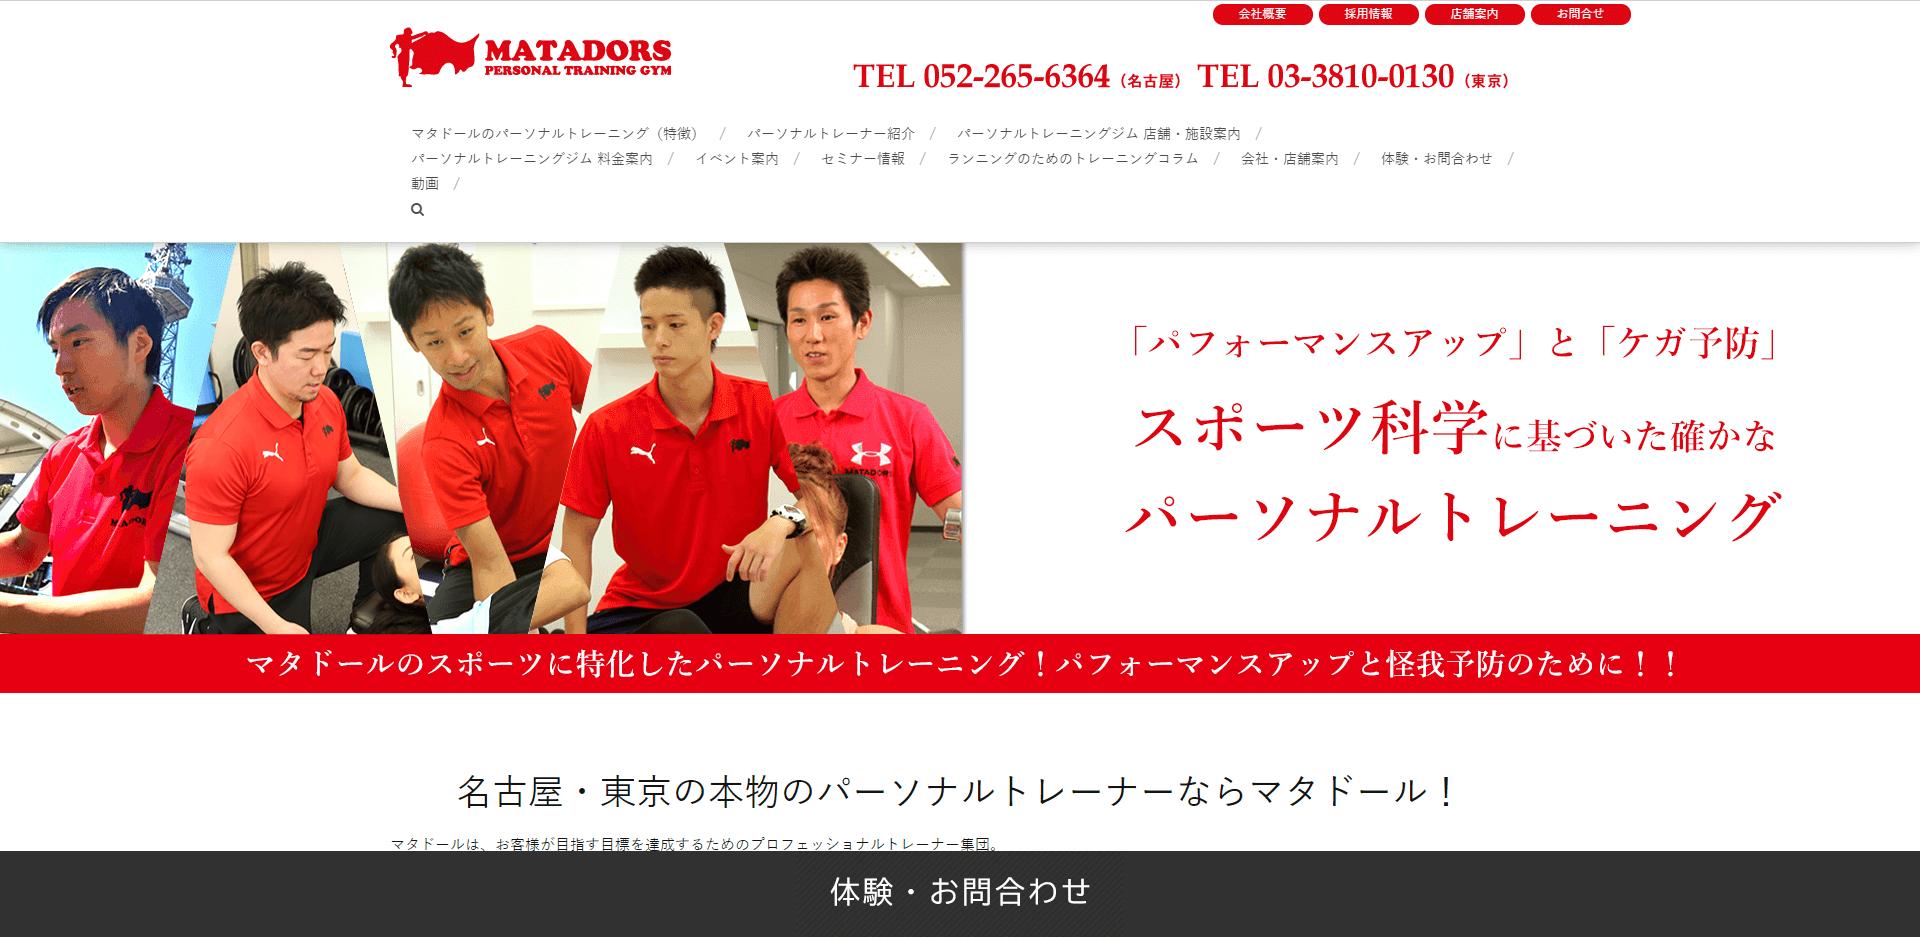 名古屋栄エリアでおすすめのパーソナルトレーニングジム「マタドール名古屋栄店」